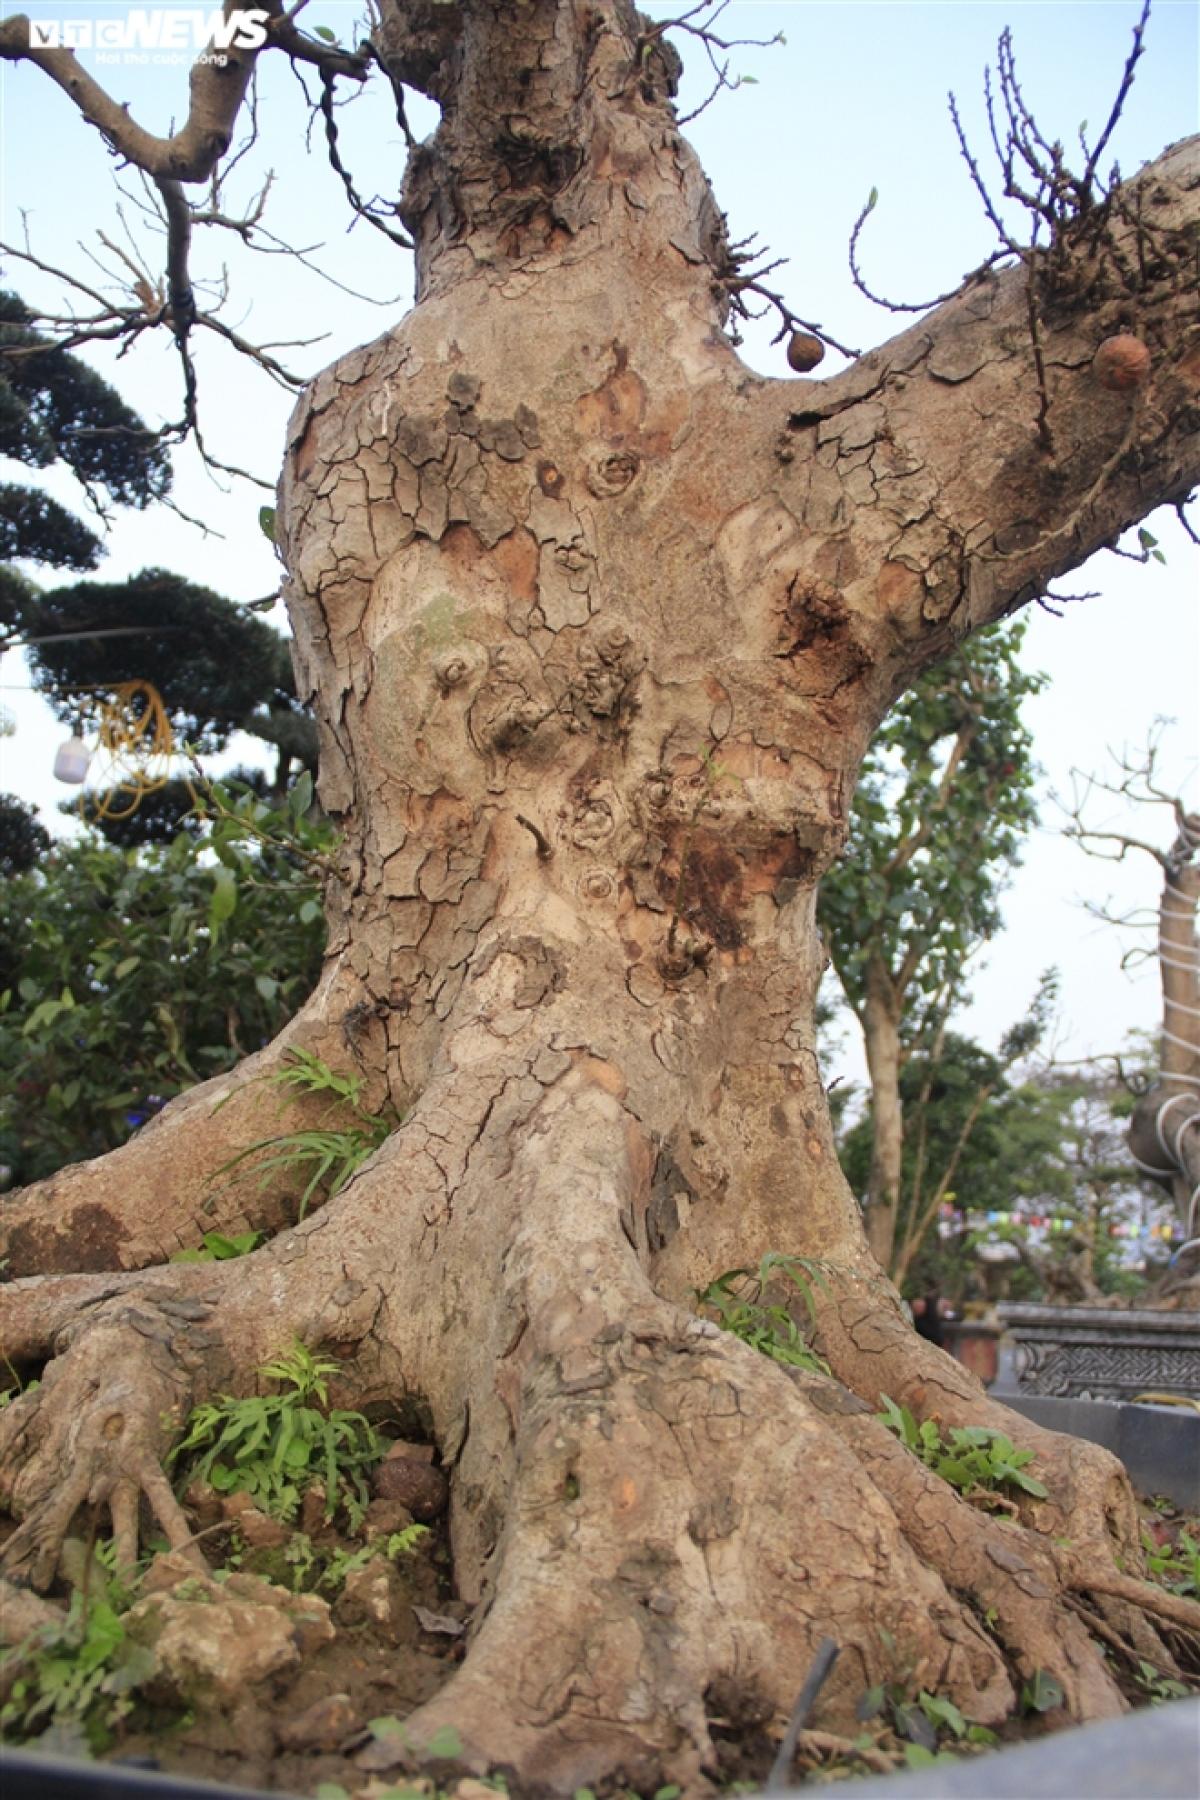 """Với dáng thế """"cực dị"""", cây sung kiểng của anh Nhật được nhiều dân chơi chú ý. Theo anh Nhật, các cây sung ở đây có tuổi từ vài chục năm cho đến hơn 100 năm tuổi. Giá sung được chào bán từ vài chục triệu cho đến 200 triệu đồng/cây."""